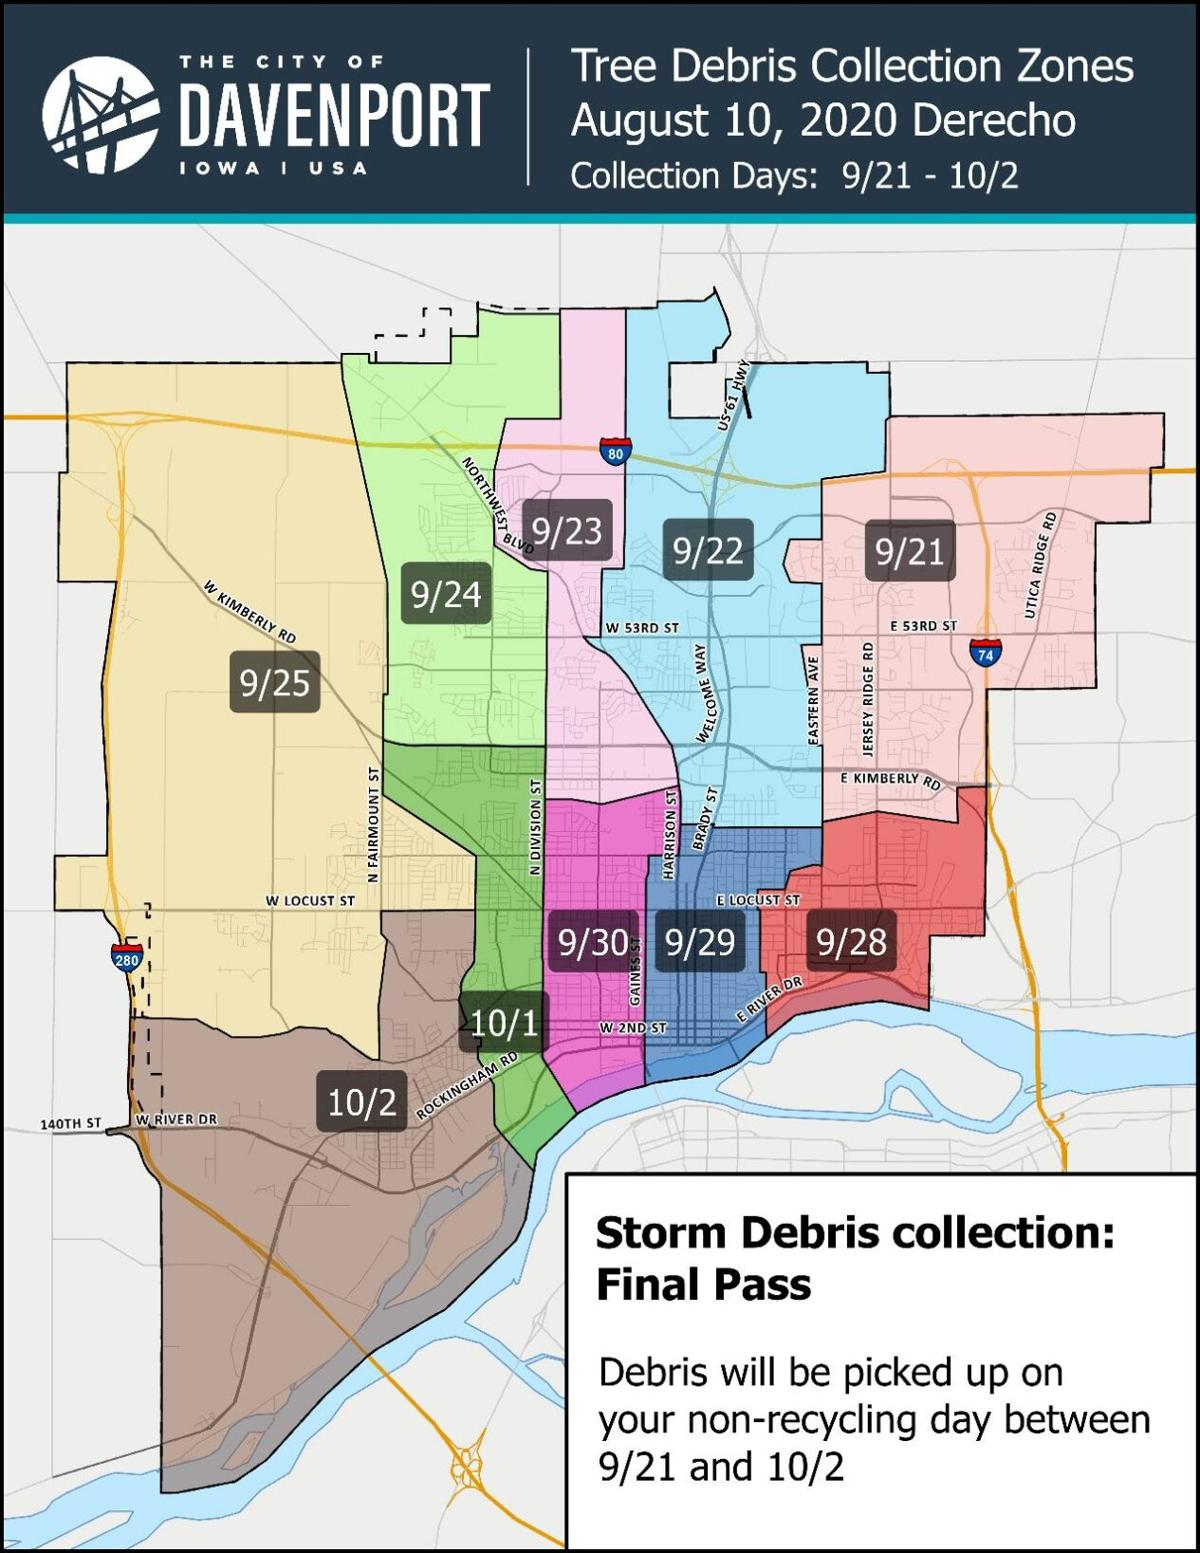 City of Davenport tree debris collection zones